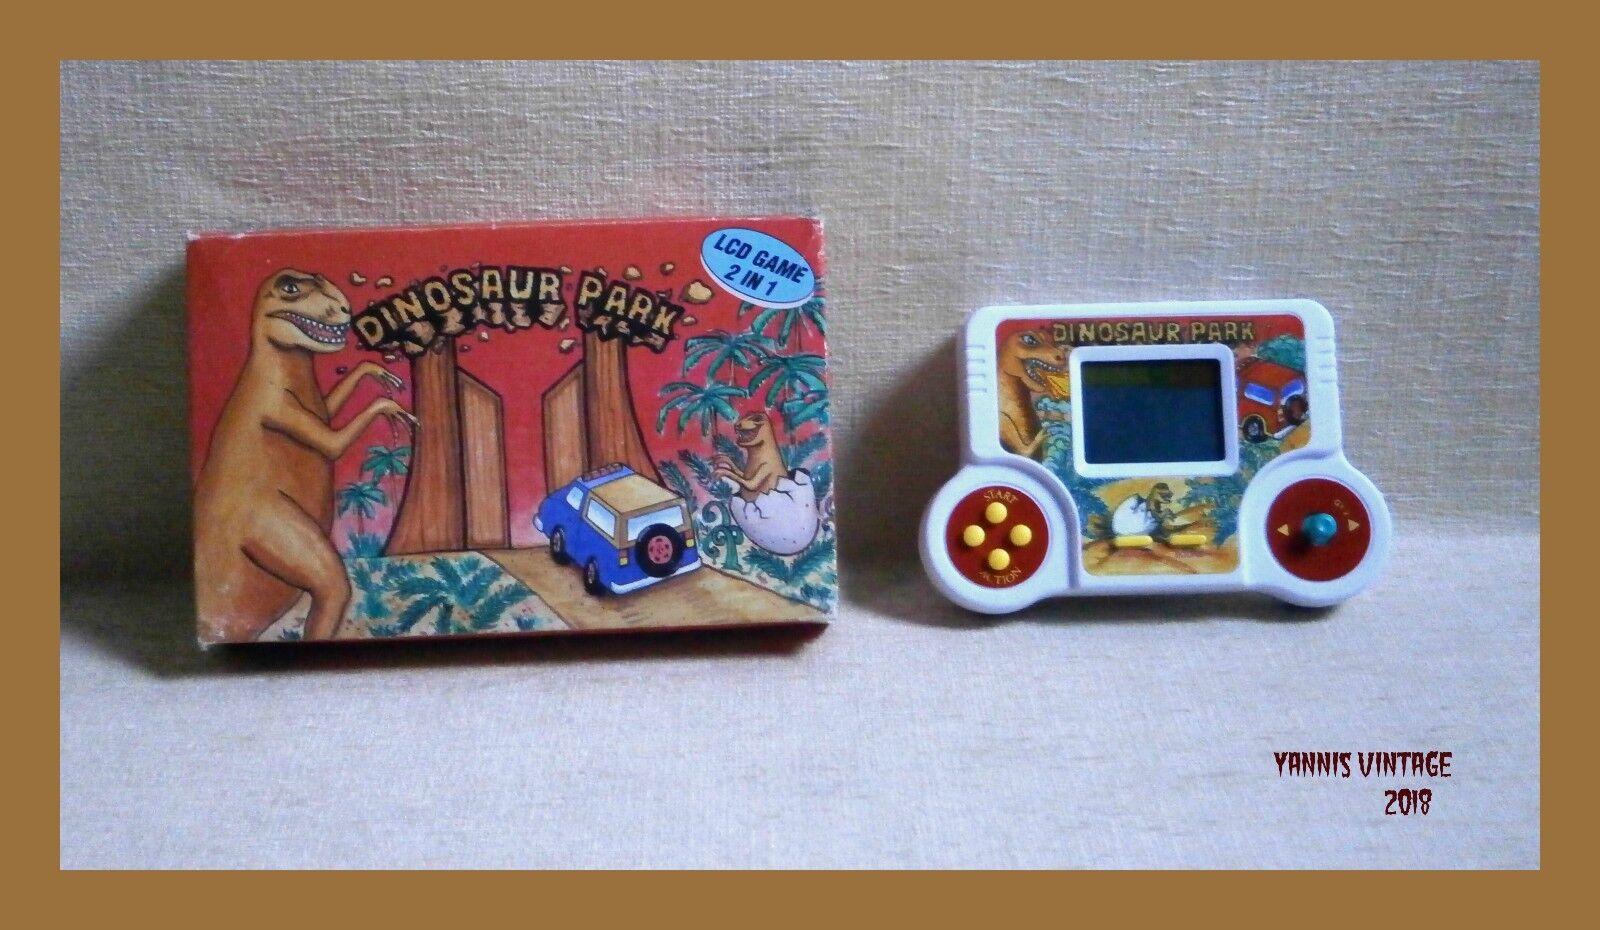 barato  Dinosaurio Dinosaurio Dinosaurio Parque  Juego de LCD electrónico portátil nuevo en caja vintage raro años 80 en funcionamiento  moda